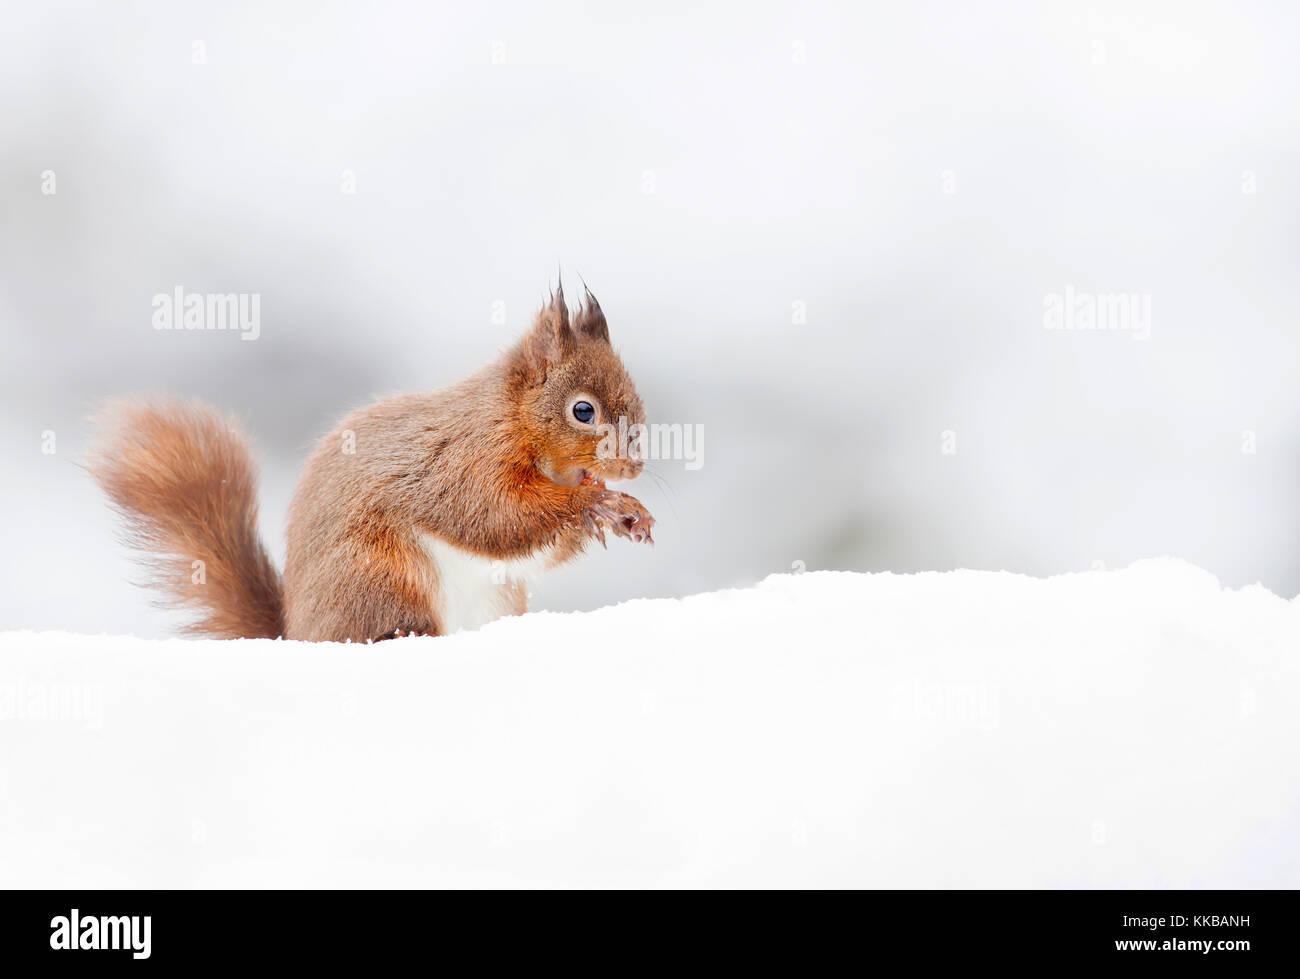 L'écureuil roux assis dans la neige en hiver, uk Photo Stock